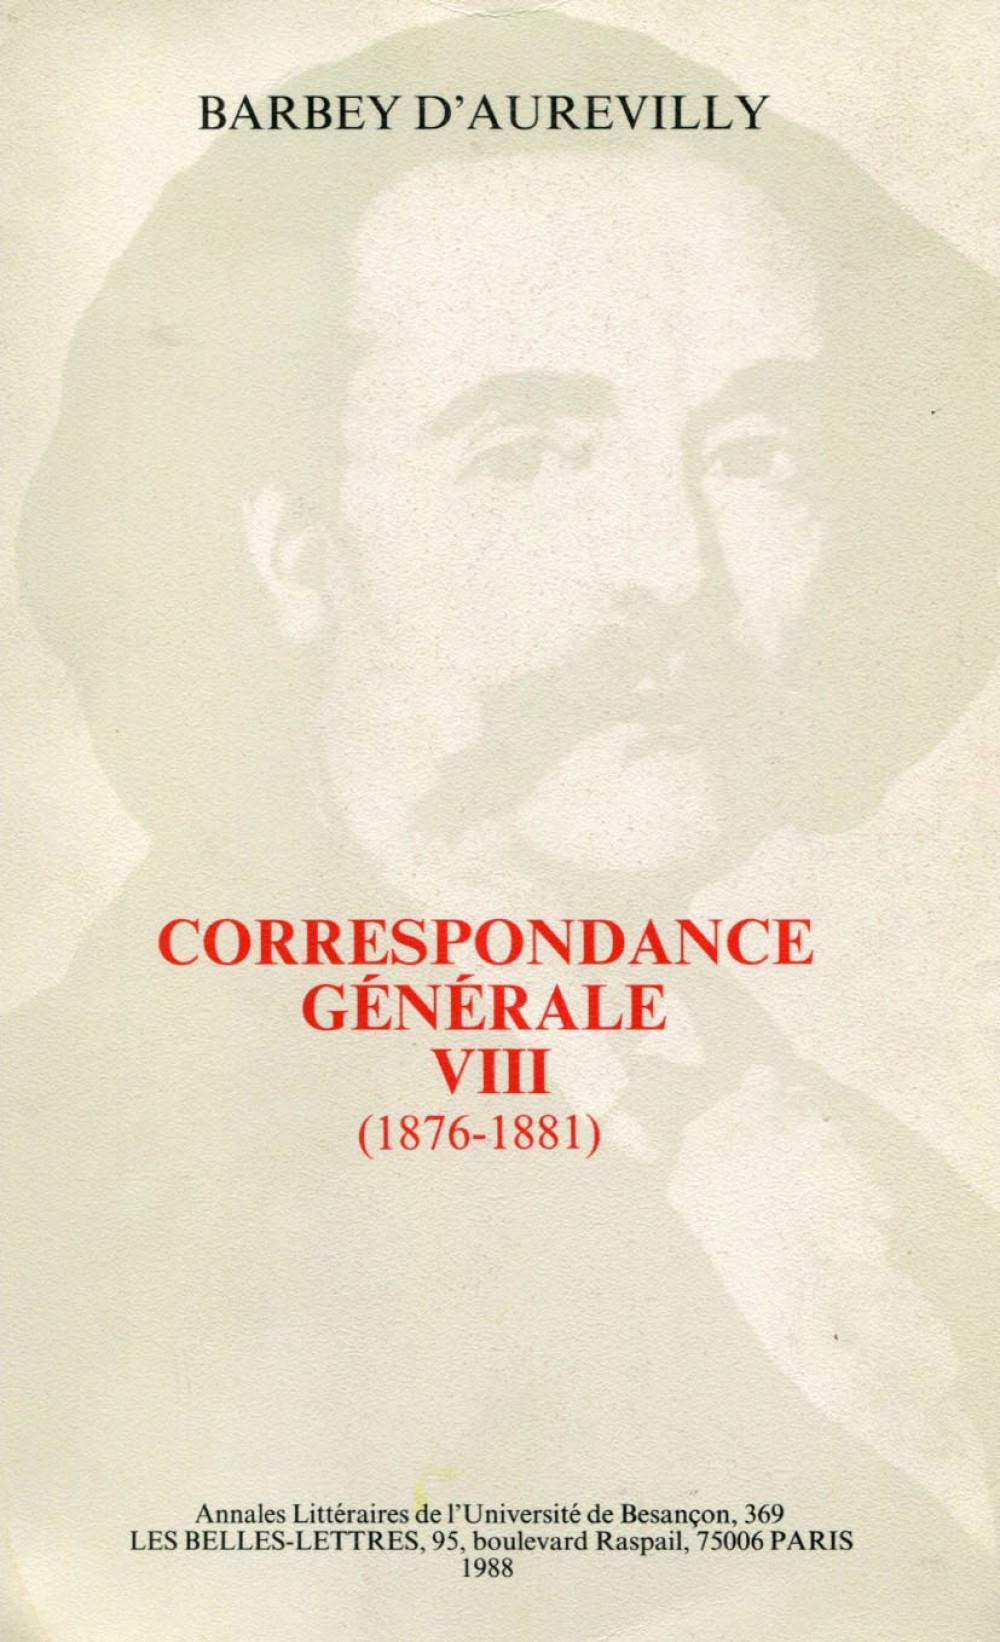 Correspondance générale de Barbey d'Aurevilly. Tome VIII